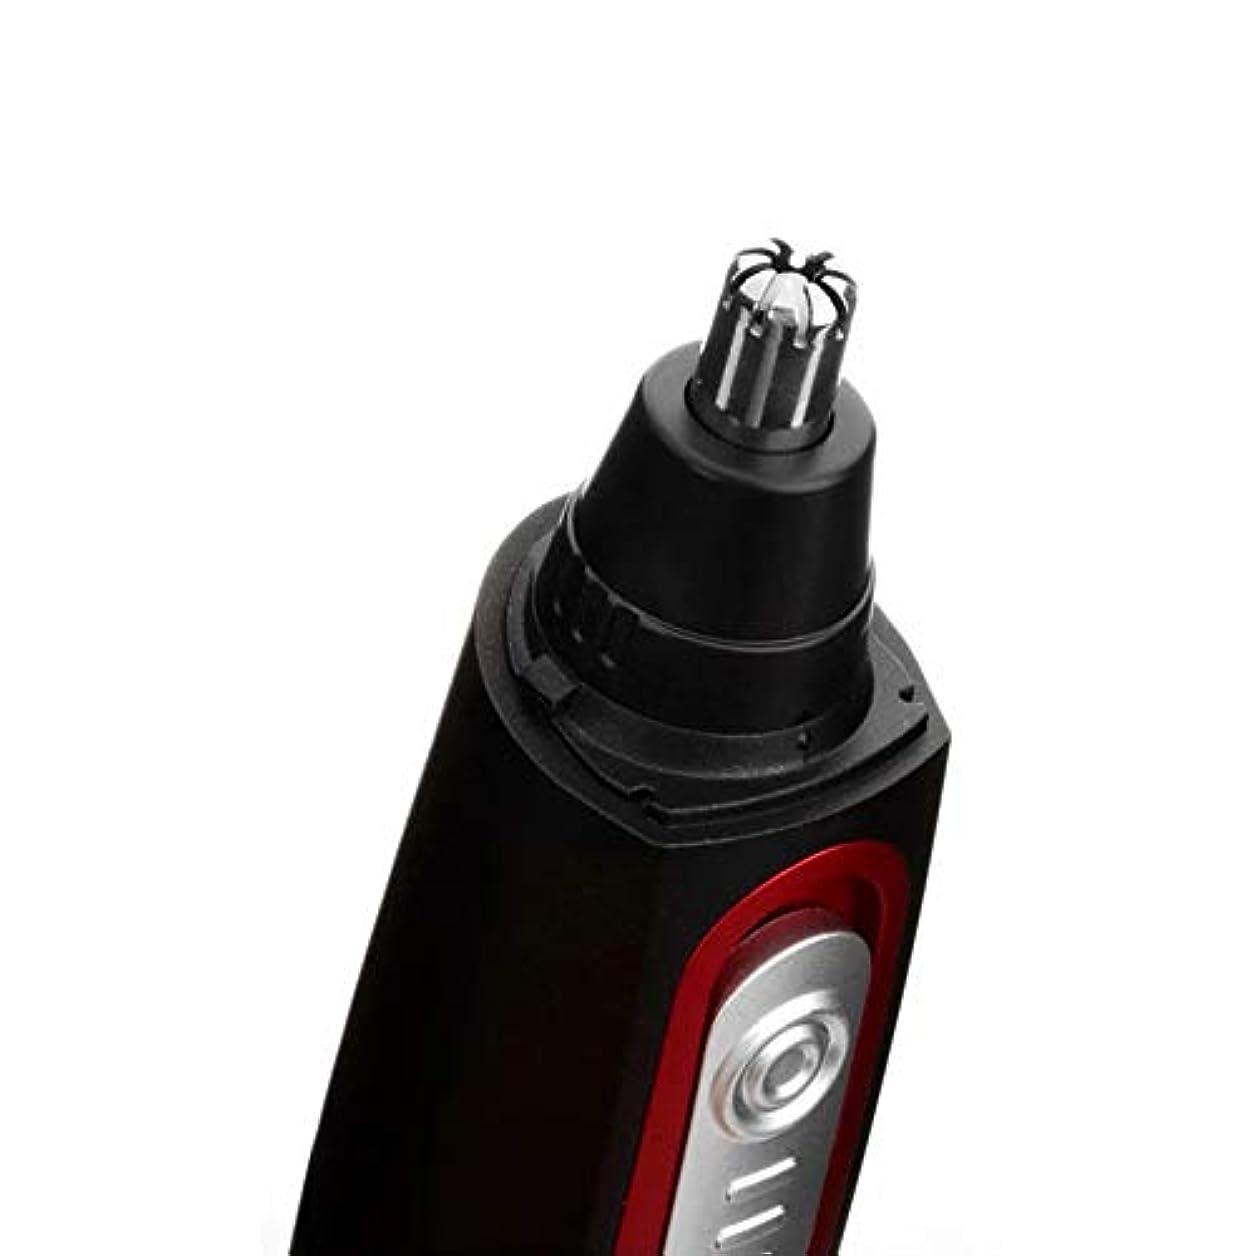 ゴム無数のハンディキャップノーズヘアトリマー/メンズシェービングノーズヘアスクレーピングノーズヘアハサミ/ 360°効果的なキャプチャー/三次元ロータリーカッターヘッドデザイン/ 14cm 使いやすい